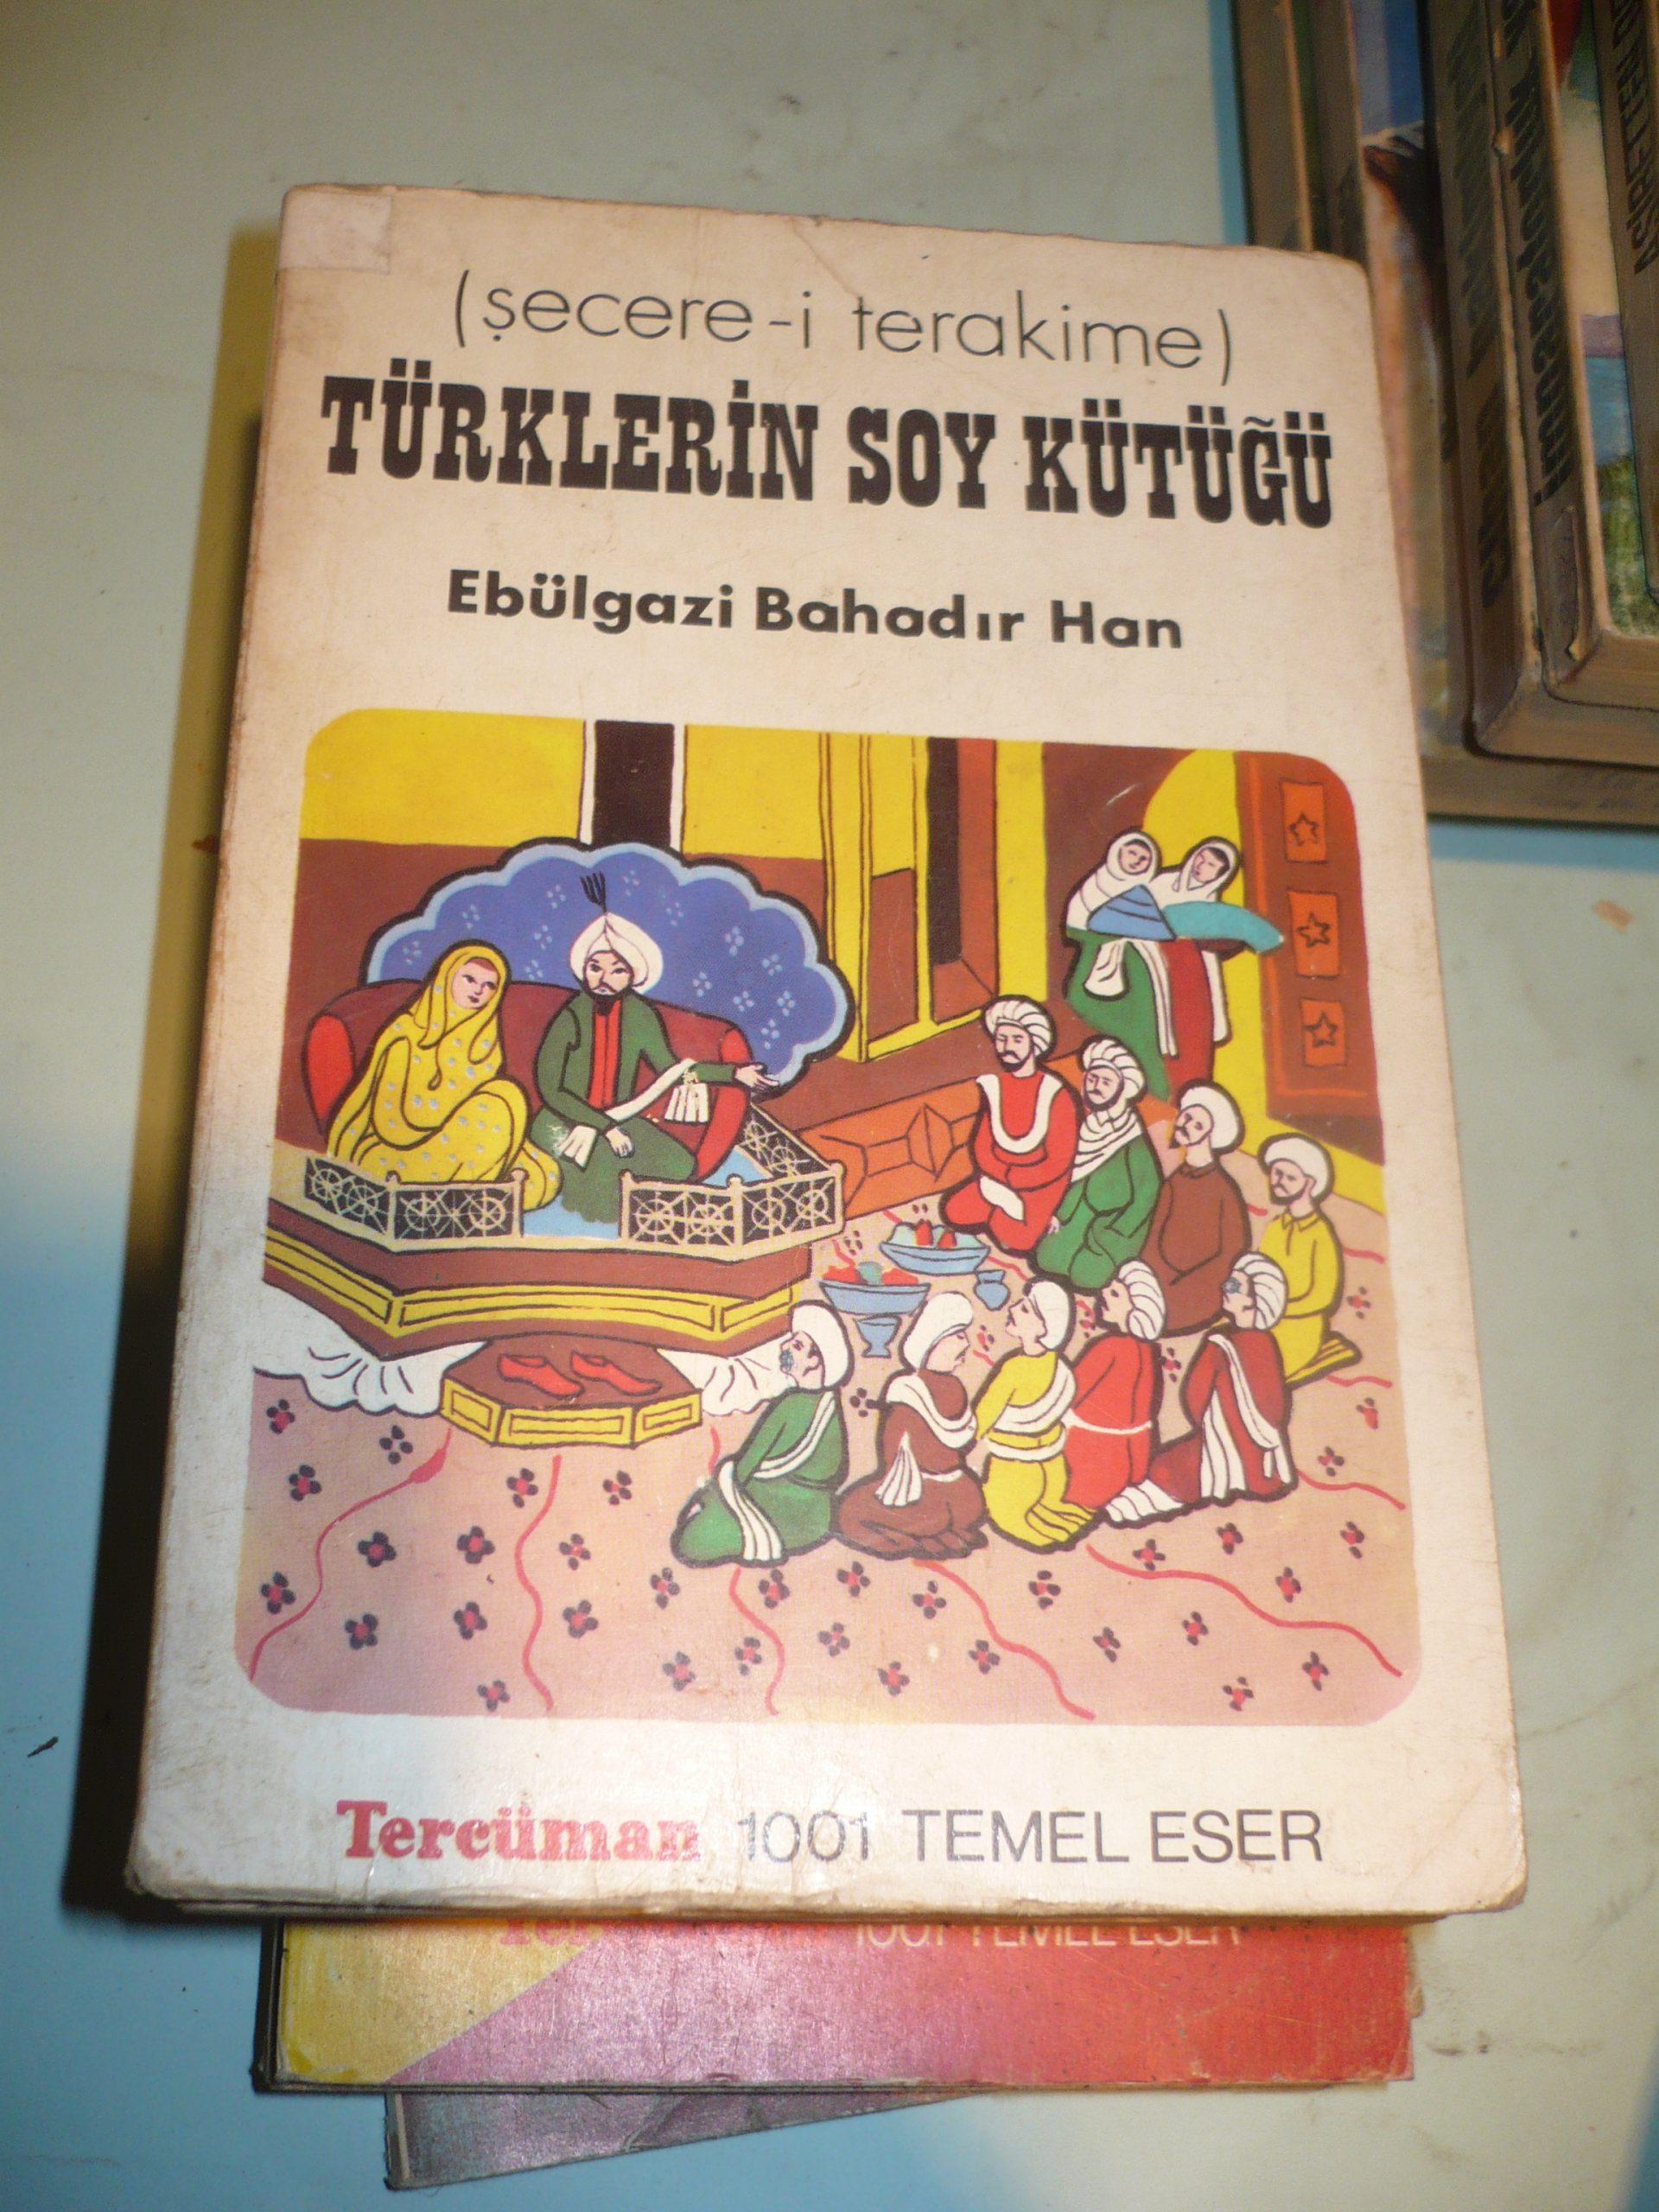 TÜRKLERİN SOY KÜTÜĞÜ(Şecere-i Terakime)/Ebulgazi Bahadır Han